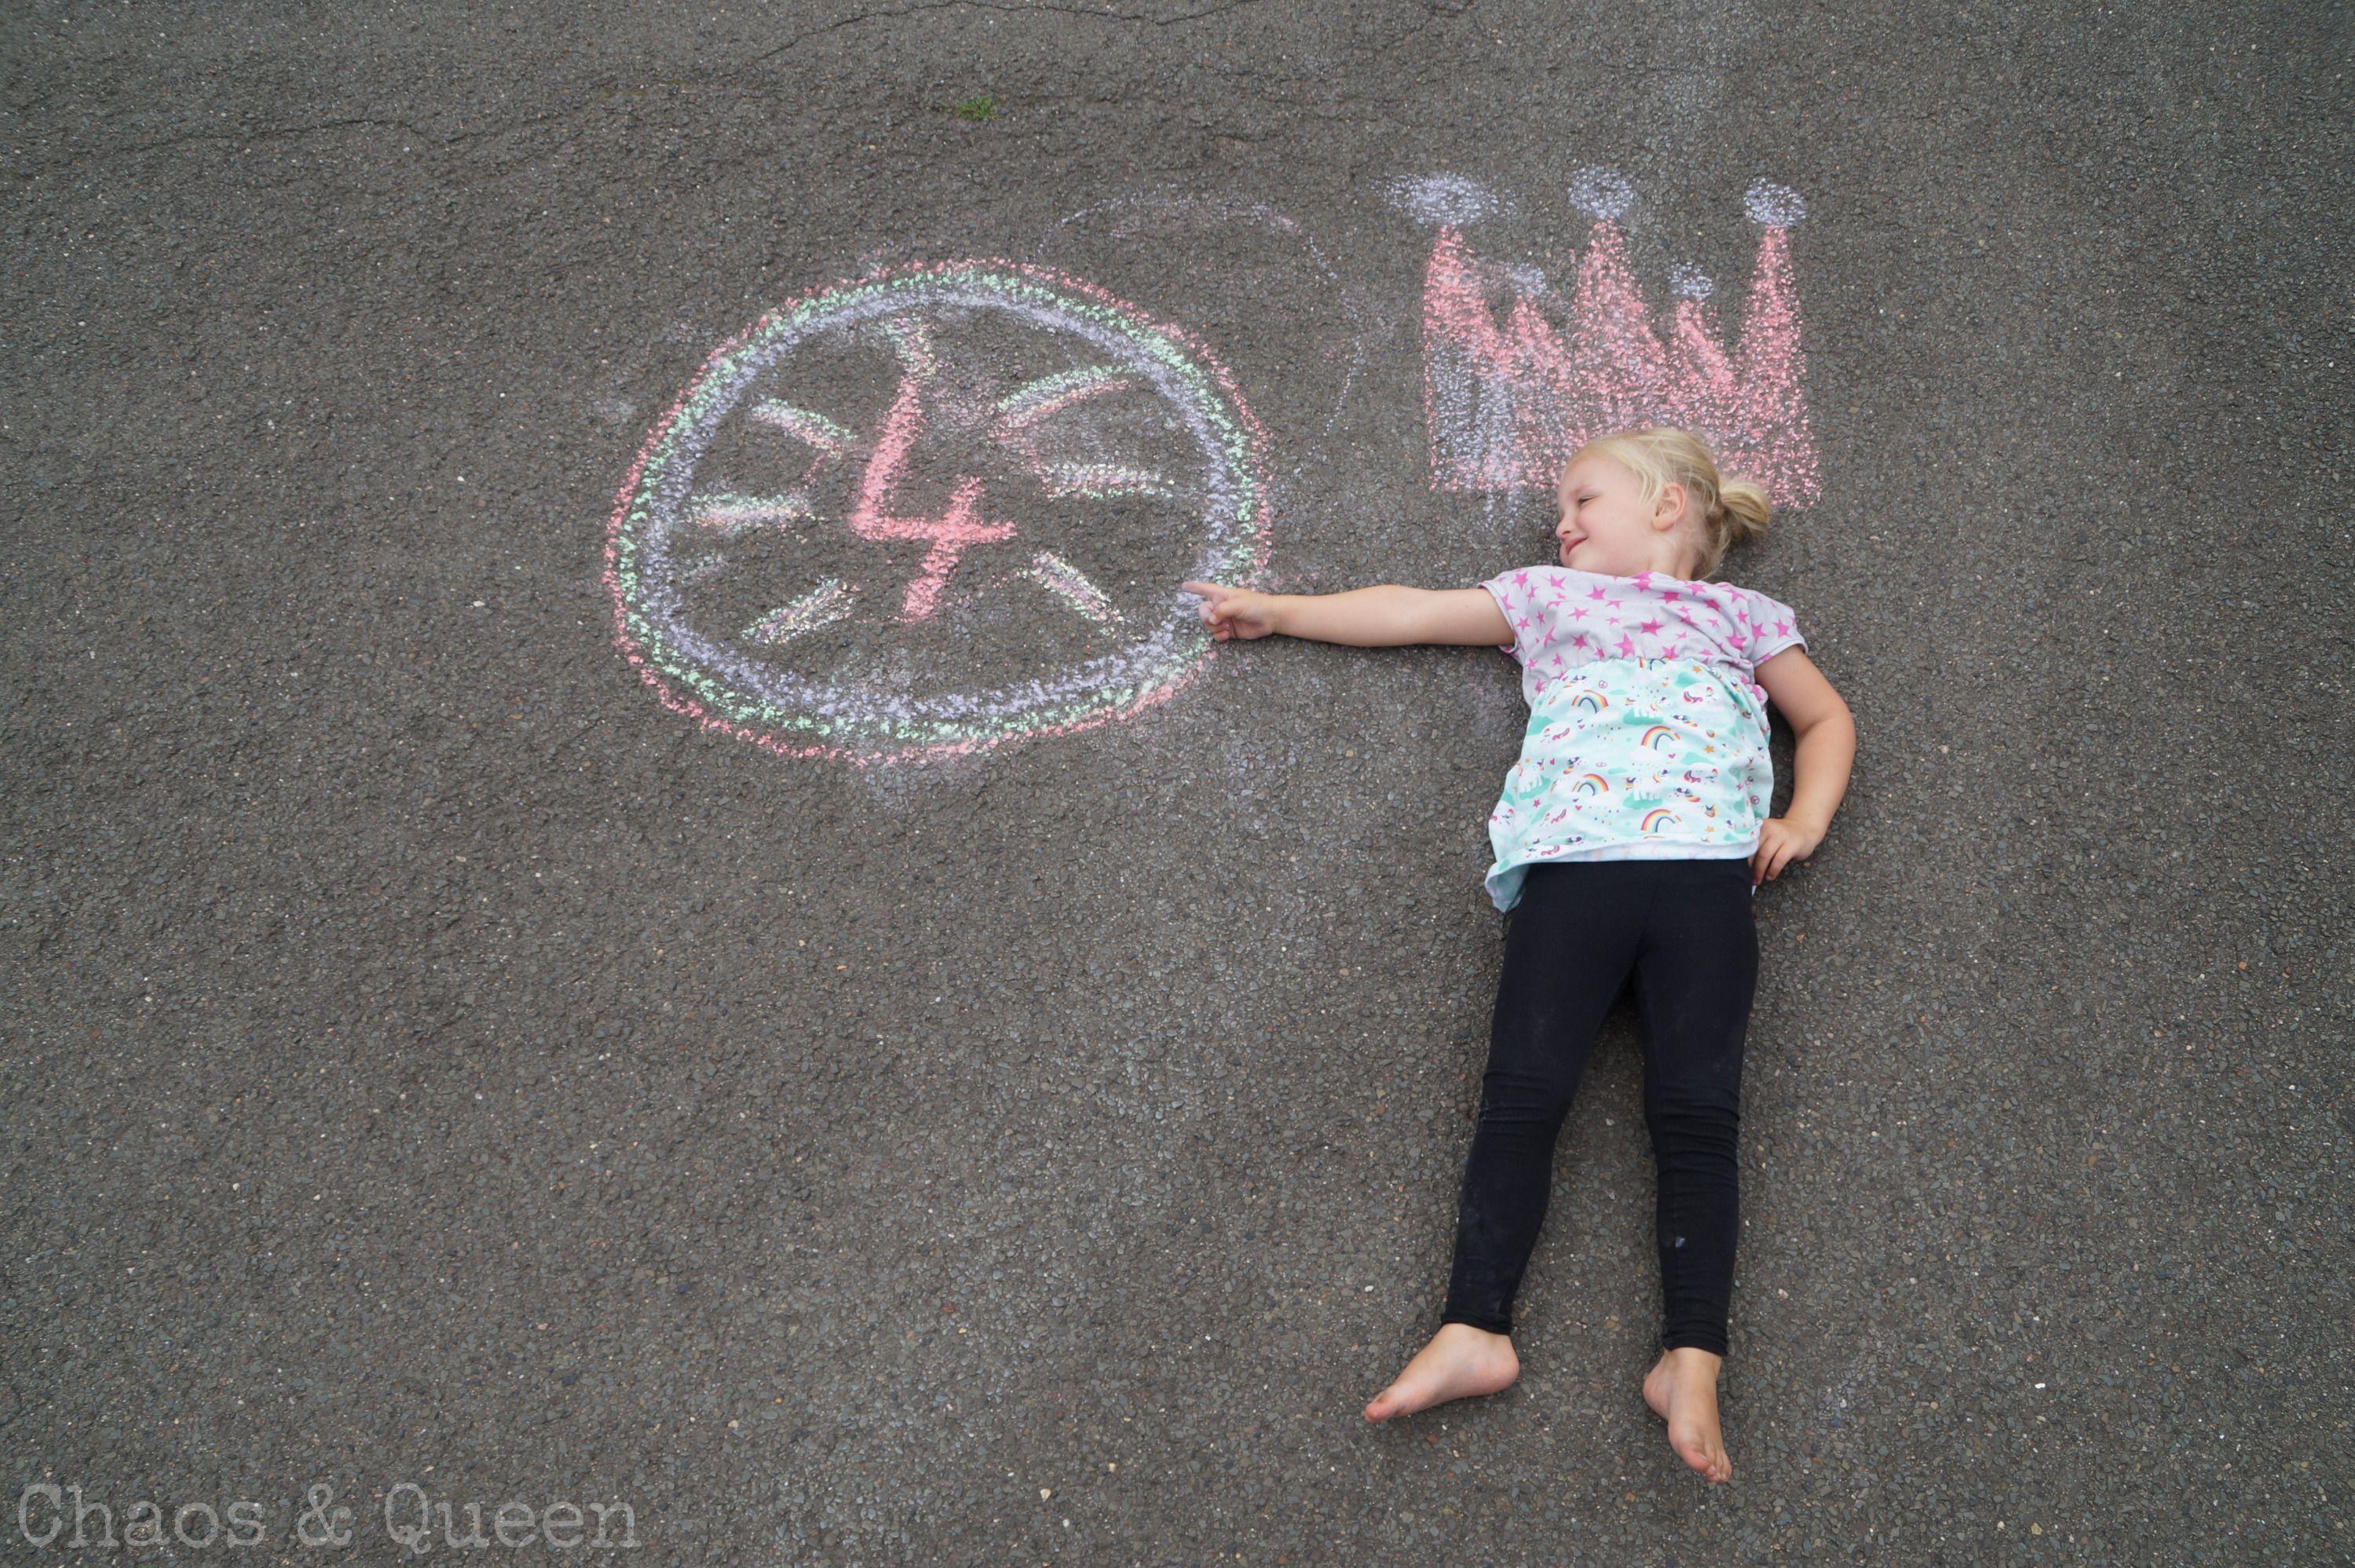 Kind Auf Straße Mit Kreidenmalerei